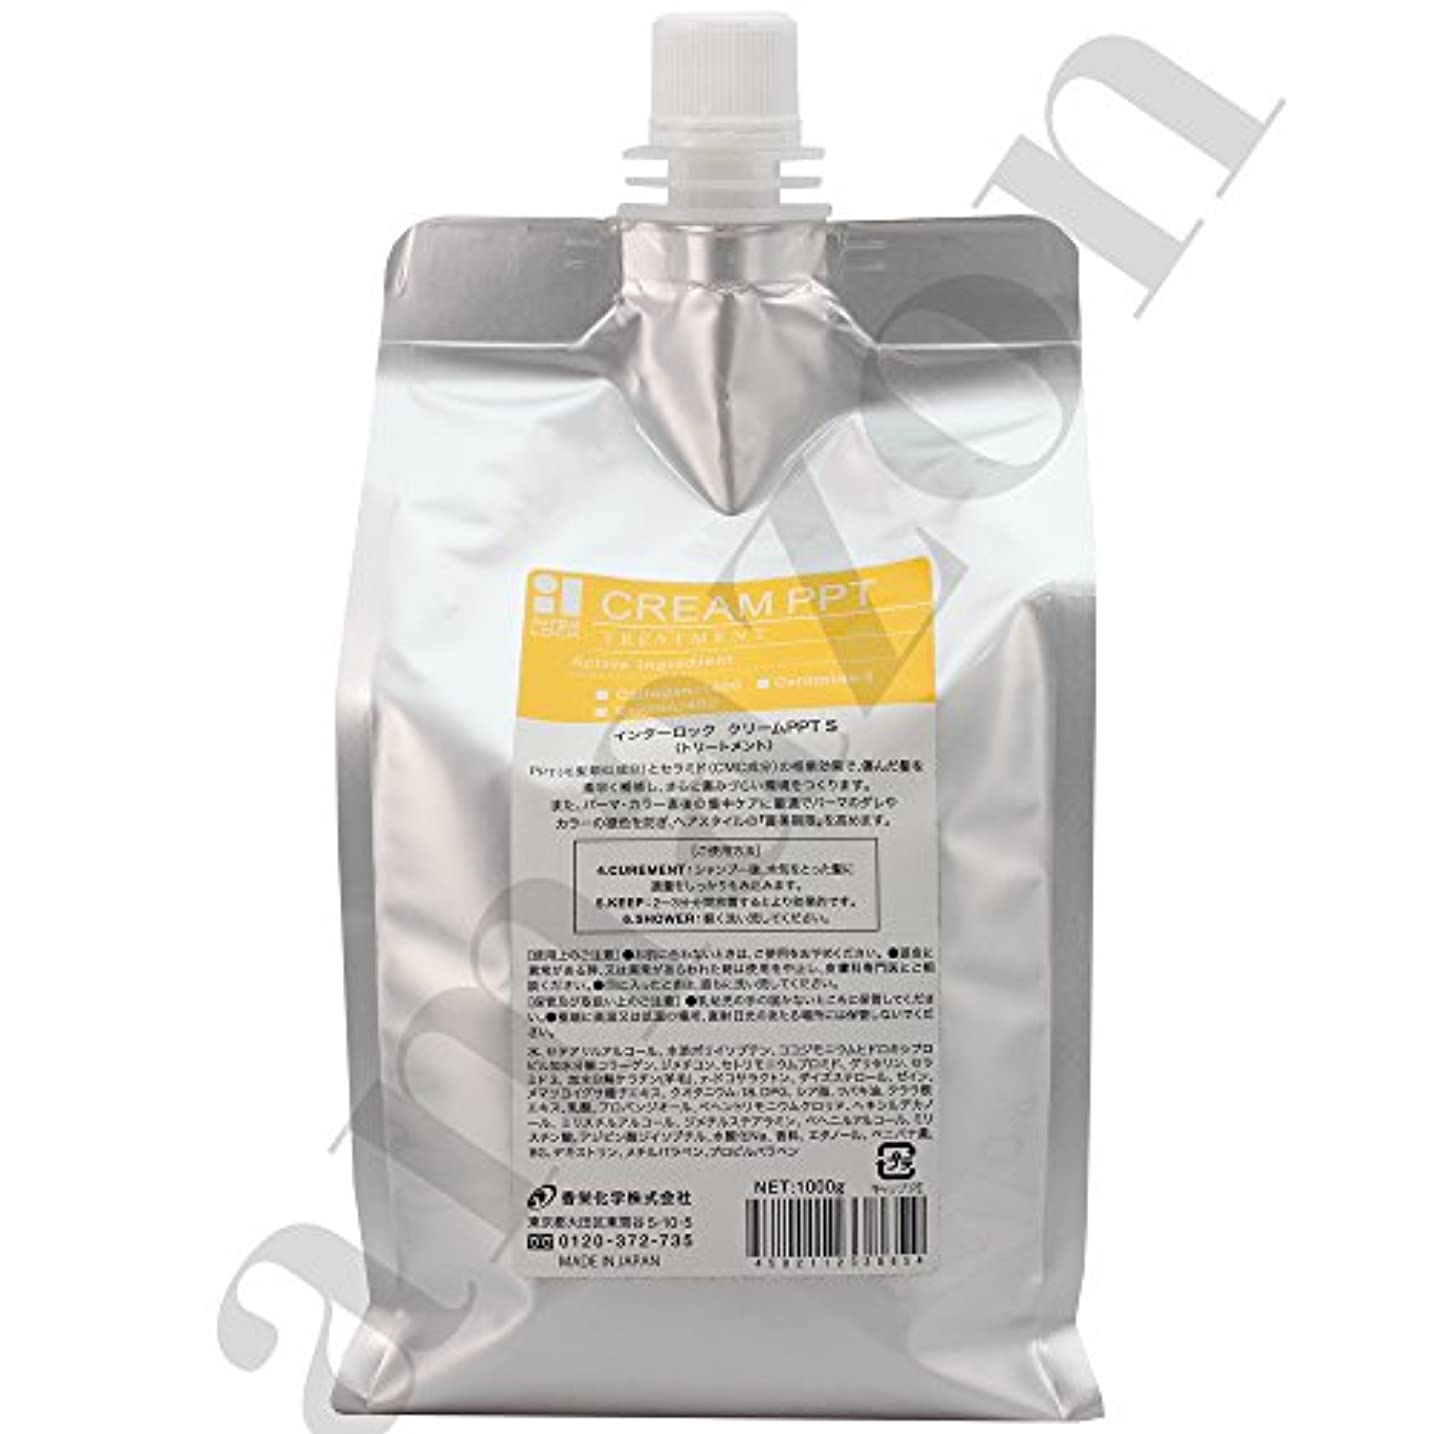 配るのため自己尊重香栄化学 インターロック クリームPPT S レフィル 1000g